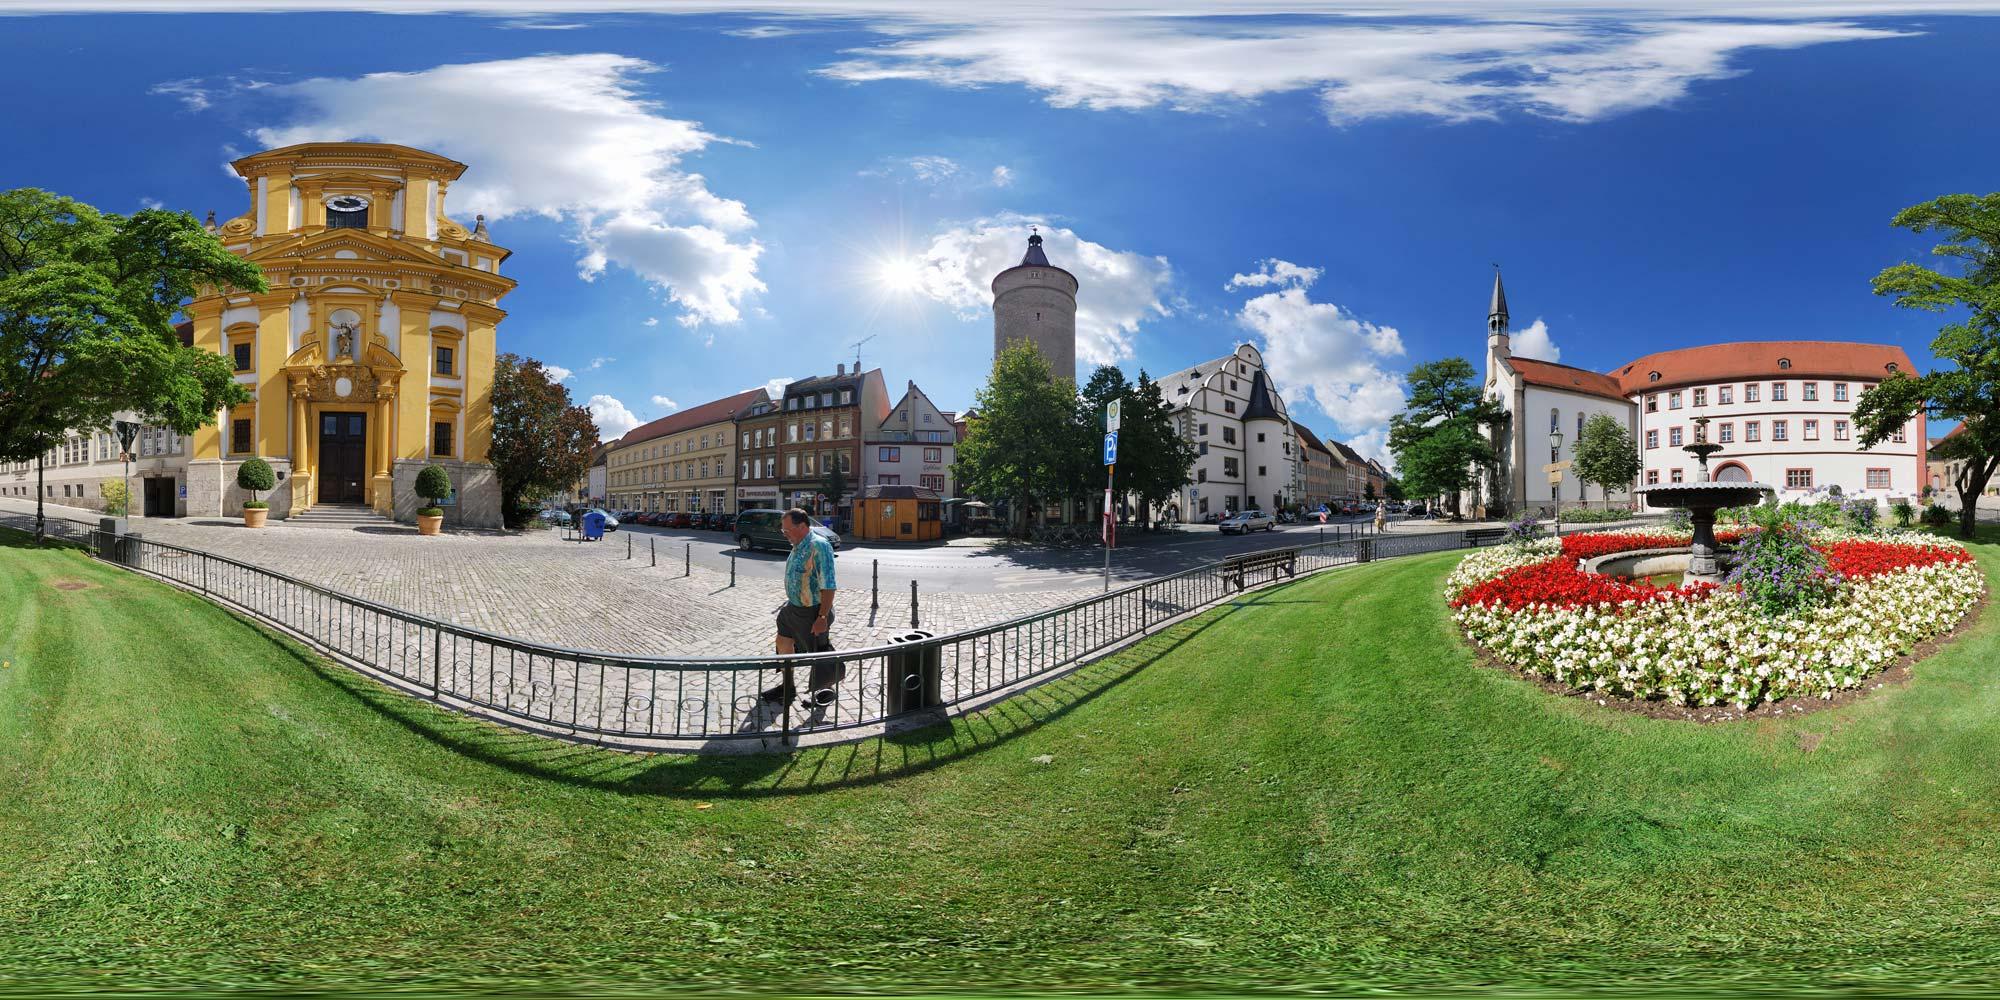 Kitzingen dating site